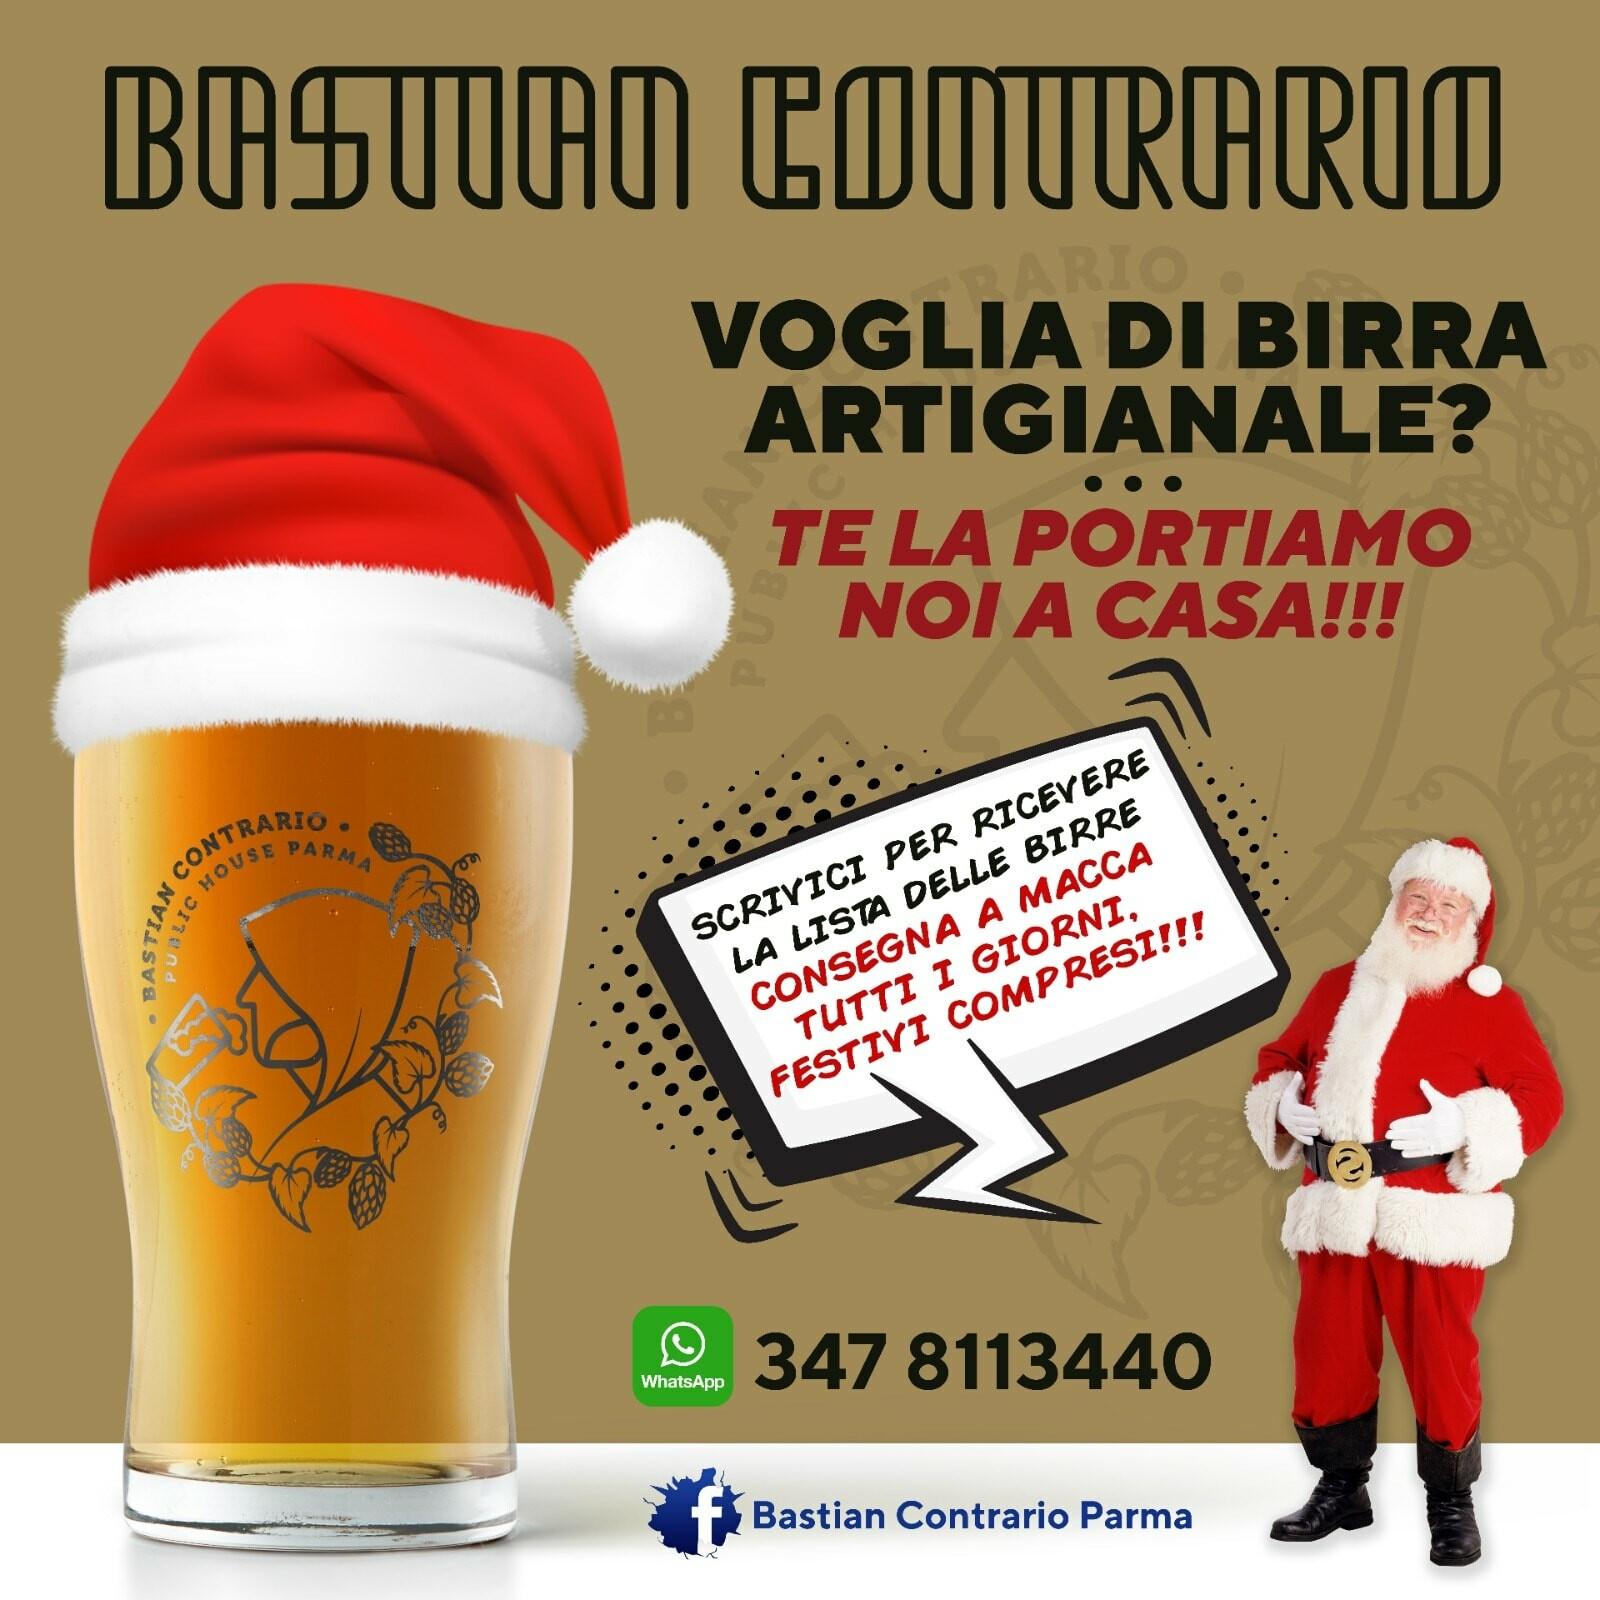 Bastian Contrario: consegna a domicilio le migliori birre artigianali